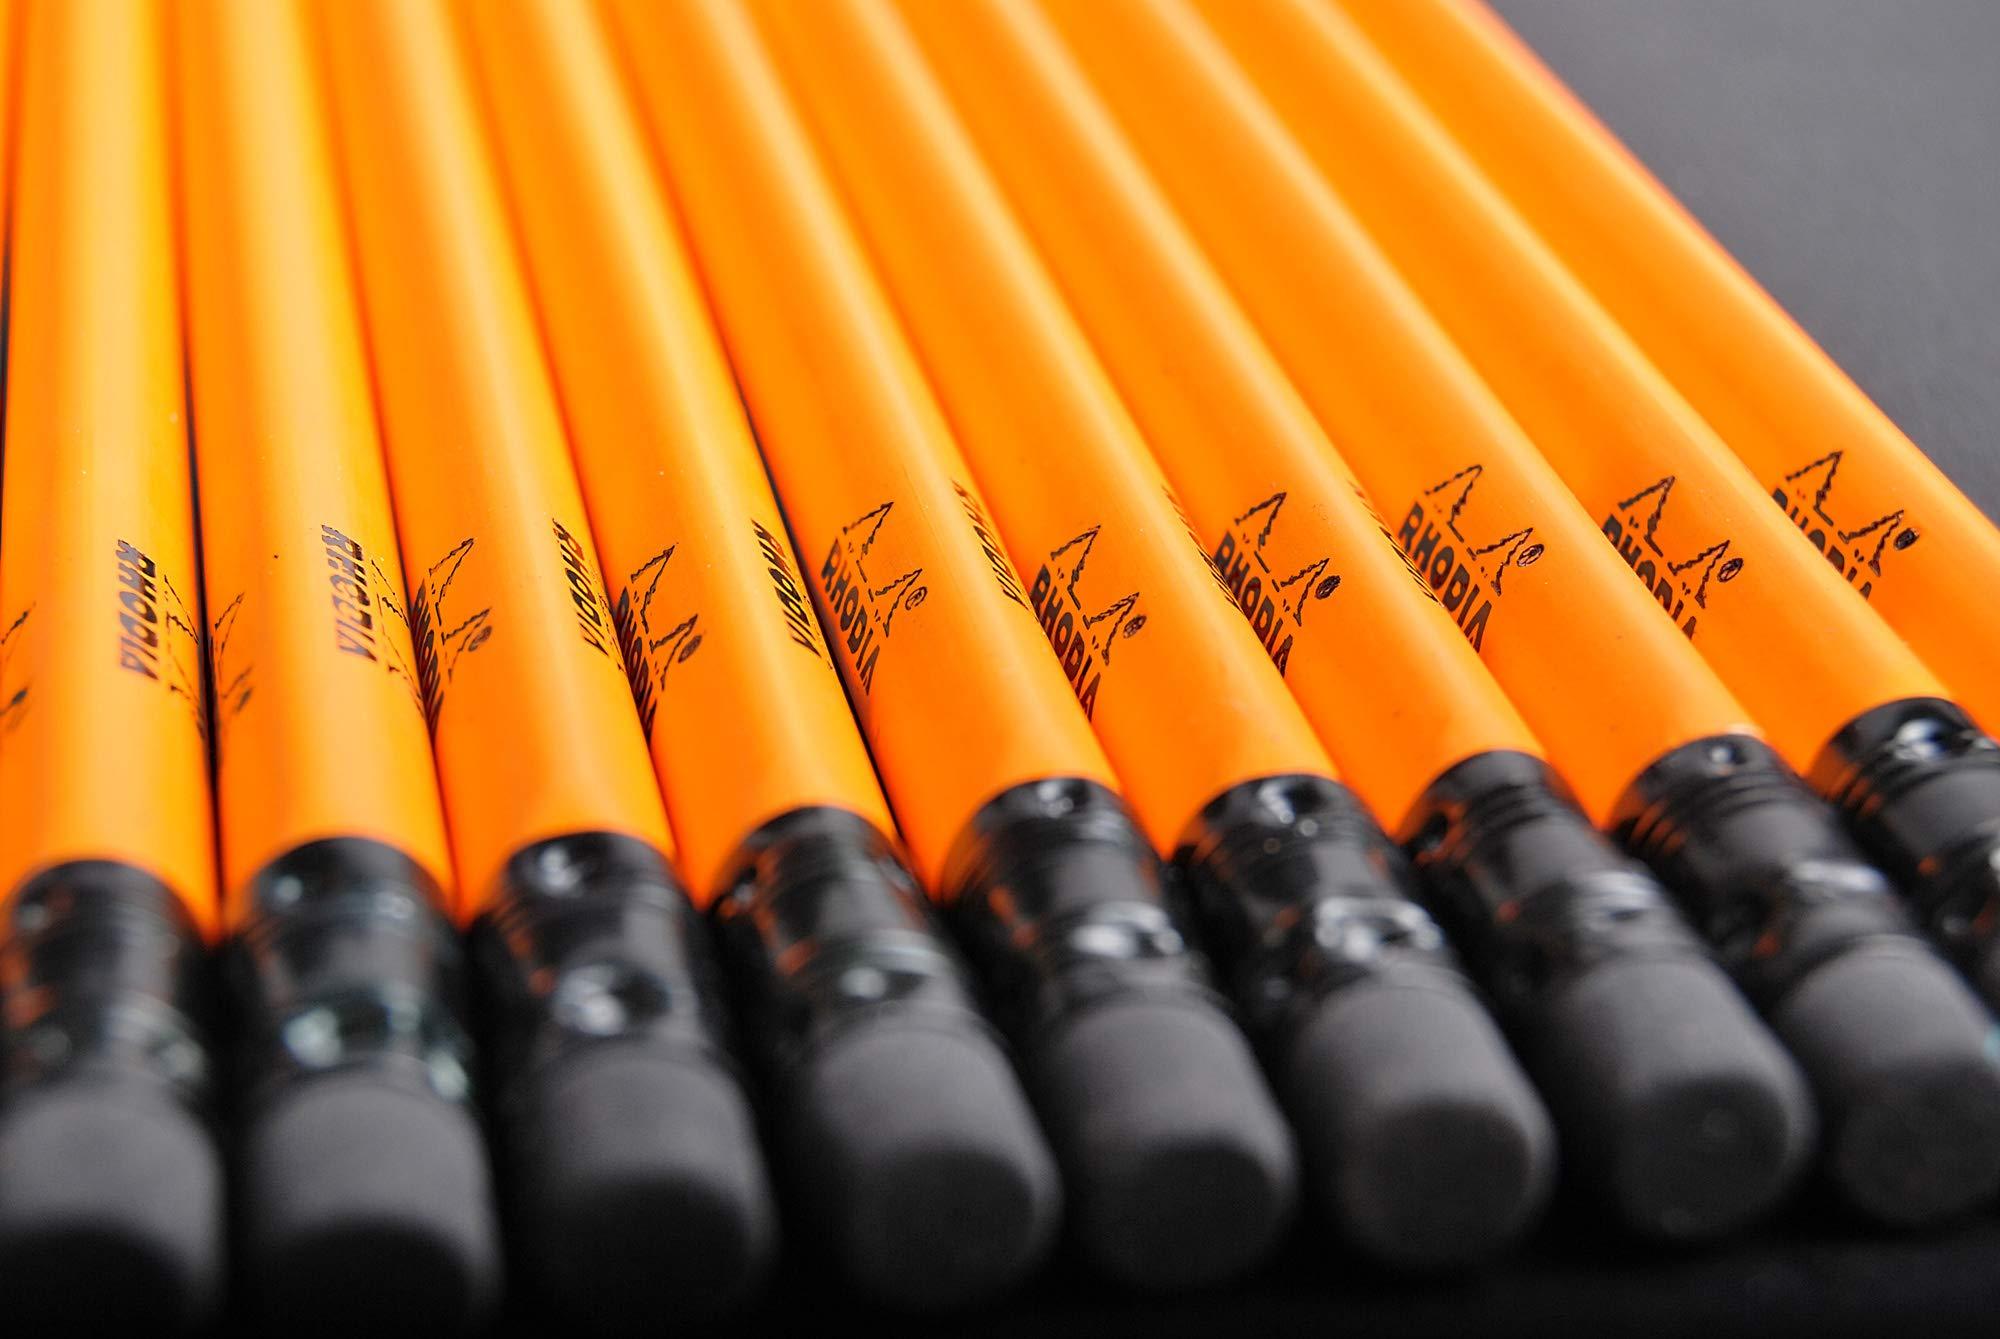 Rhodia Hard Box Display of 25 Pencils - (w) 3 x (d) 2 3/4 x (h) 5 1/4